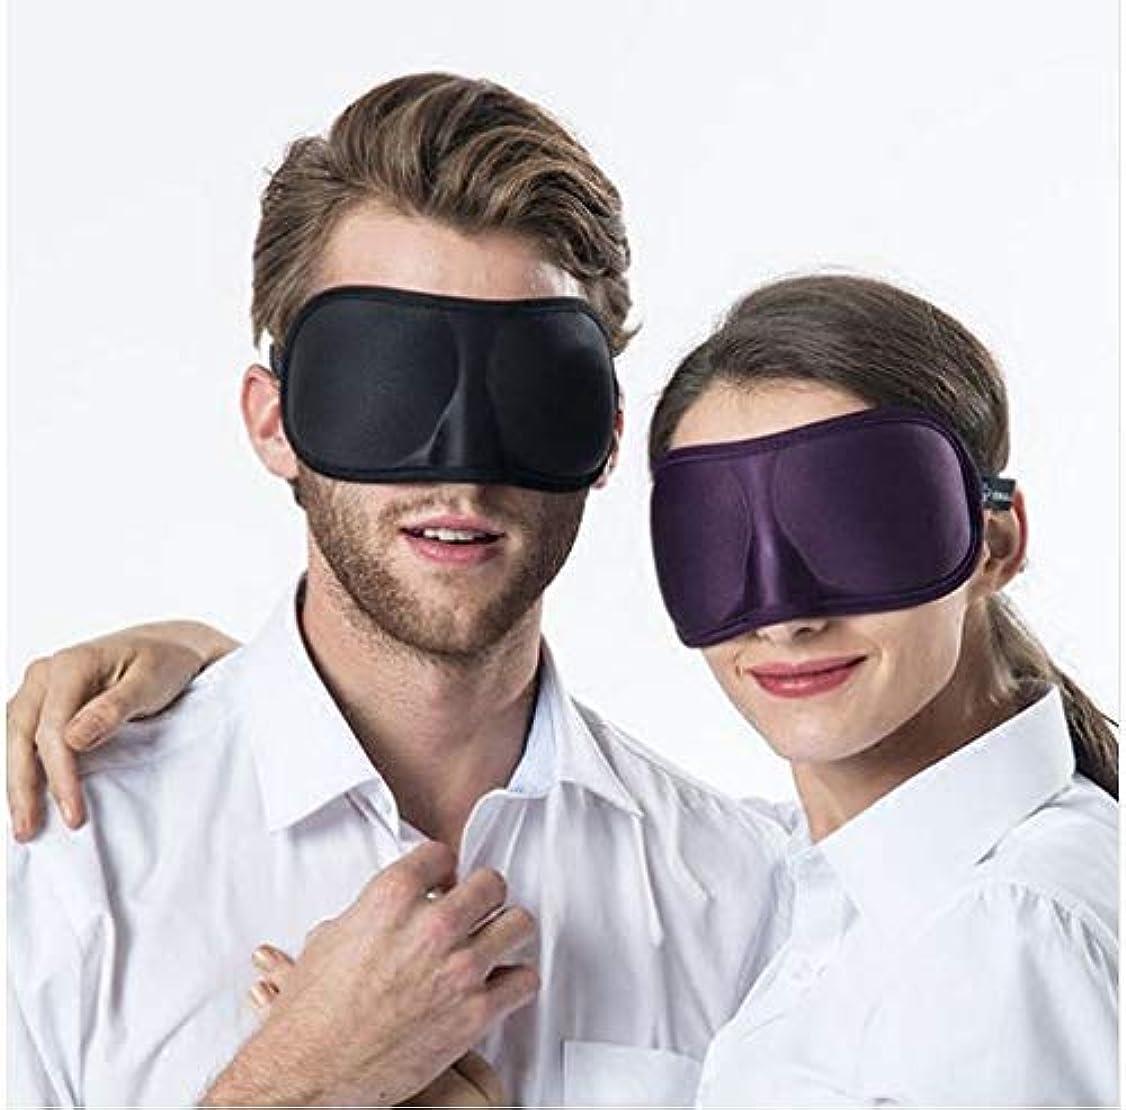 動的お肉アルミニウム3 D超柔らかい通気性の布アイシェード睡眠アイマスク携帯用旅行睡眠休息補助アイマスクカバーアイパッチ睡眠マスク